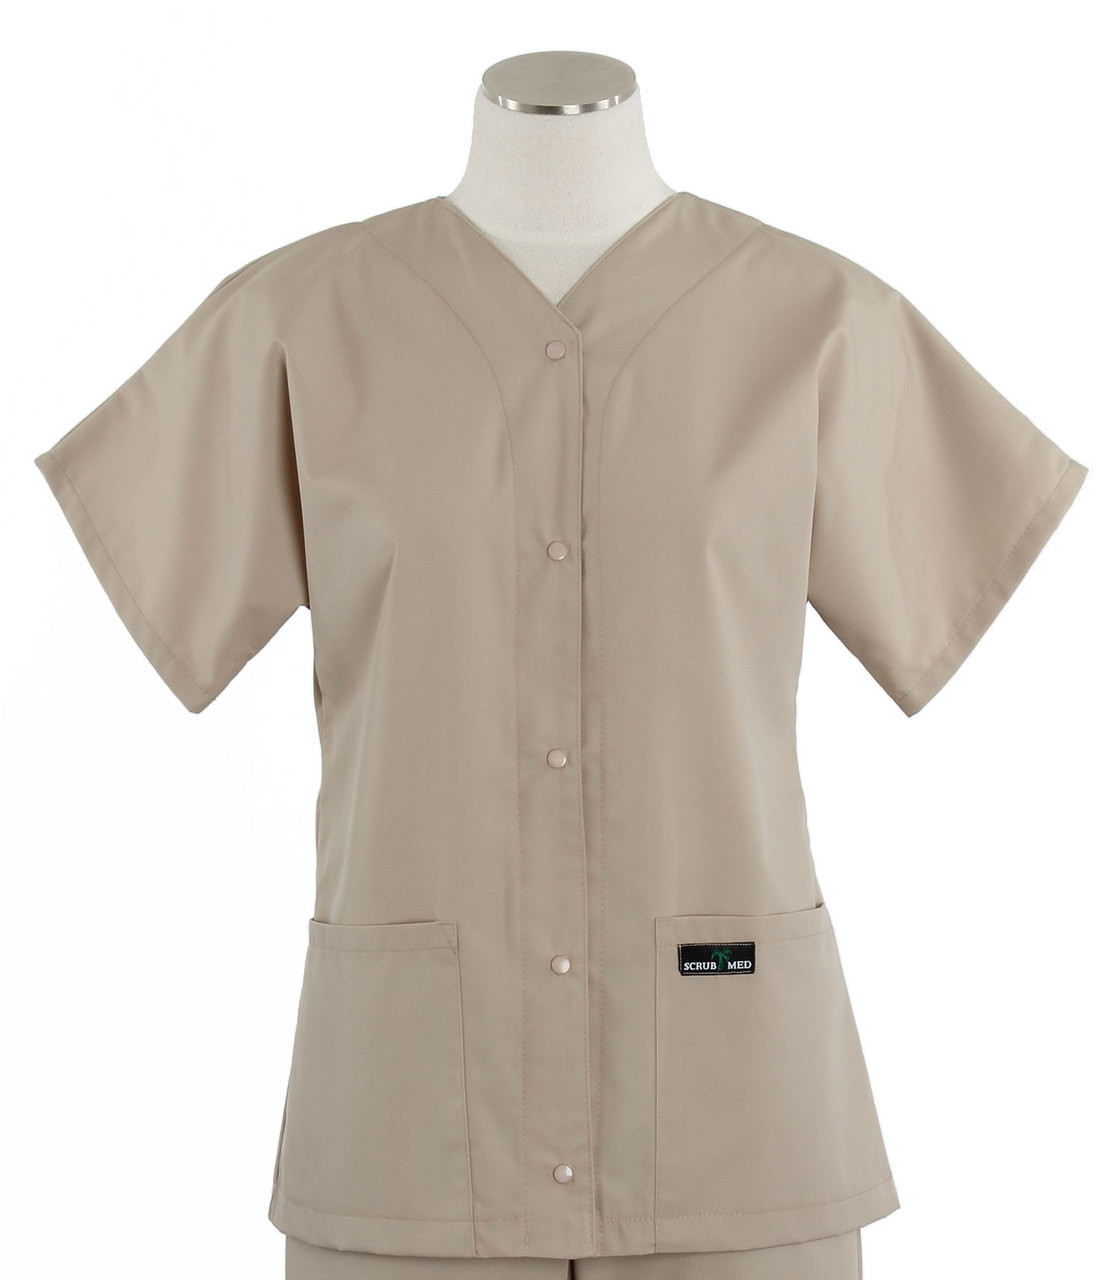 e95151bc65b Scrub Med Womens Solid Baseball Scrub Top Khaki - Scrub Med